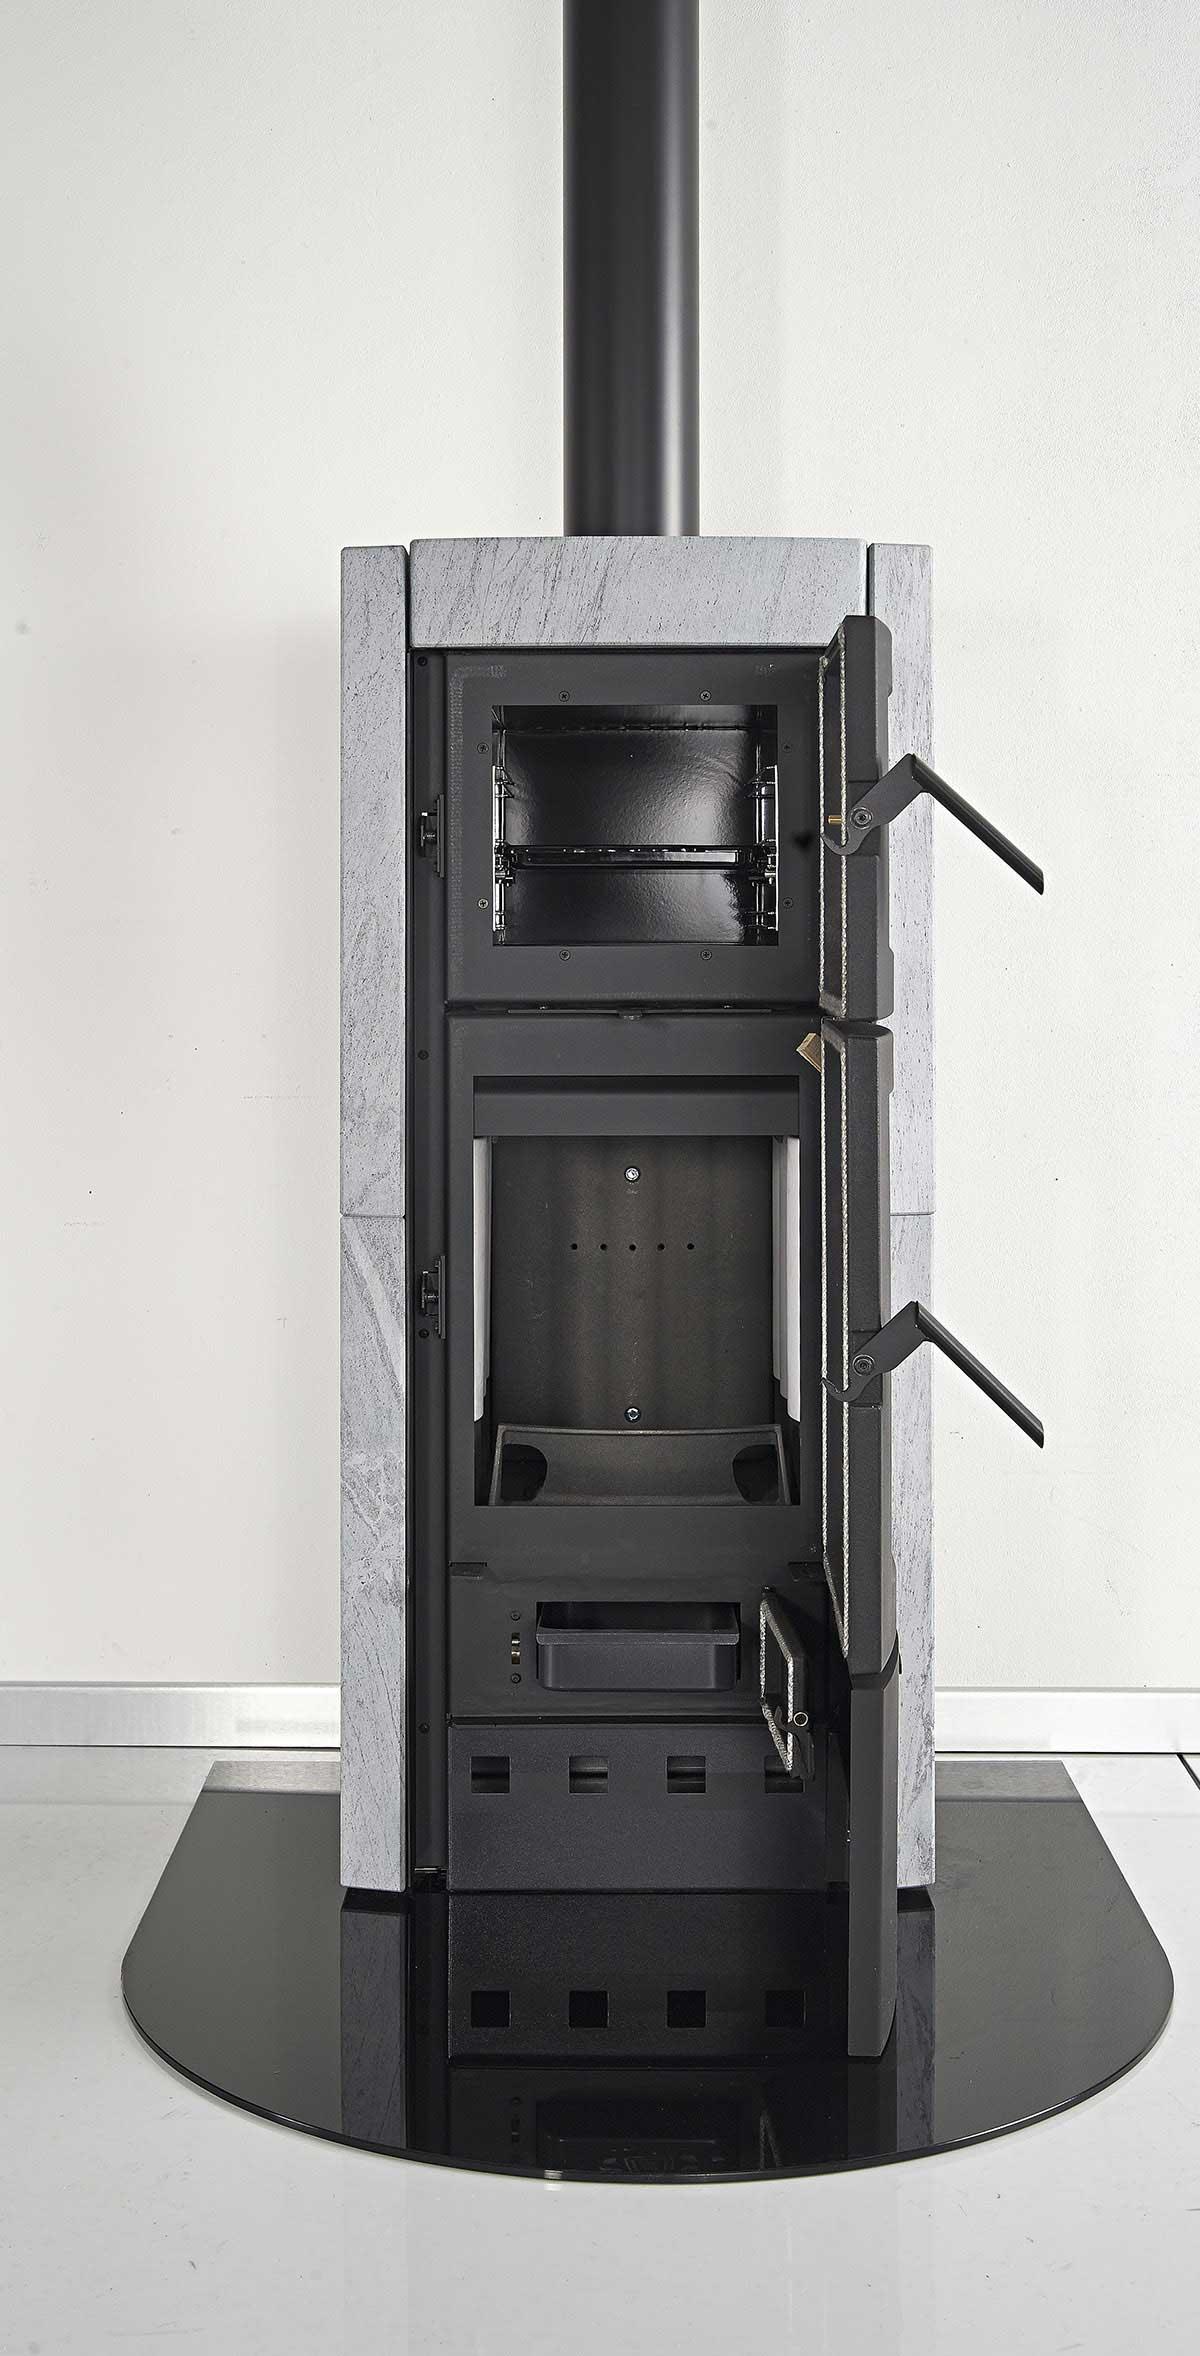 kaminofen la nordica ester forno raumluftun backf. Black Bedroom Furniture Sets. Home Design Ideas